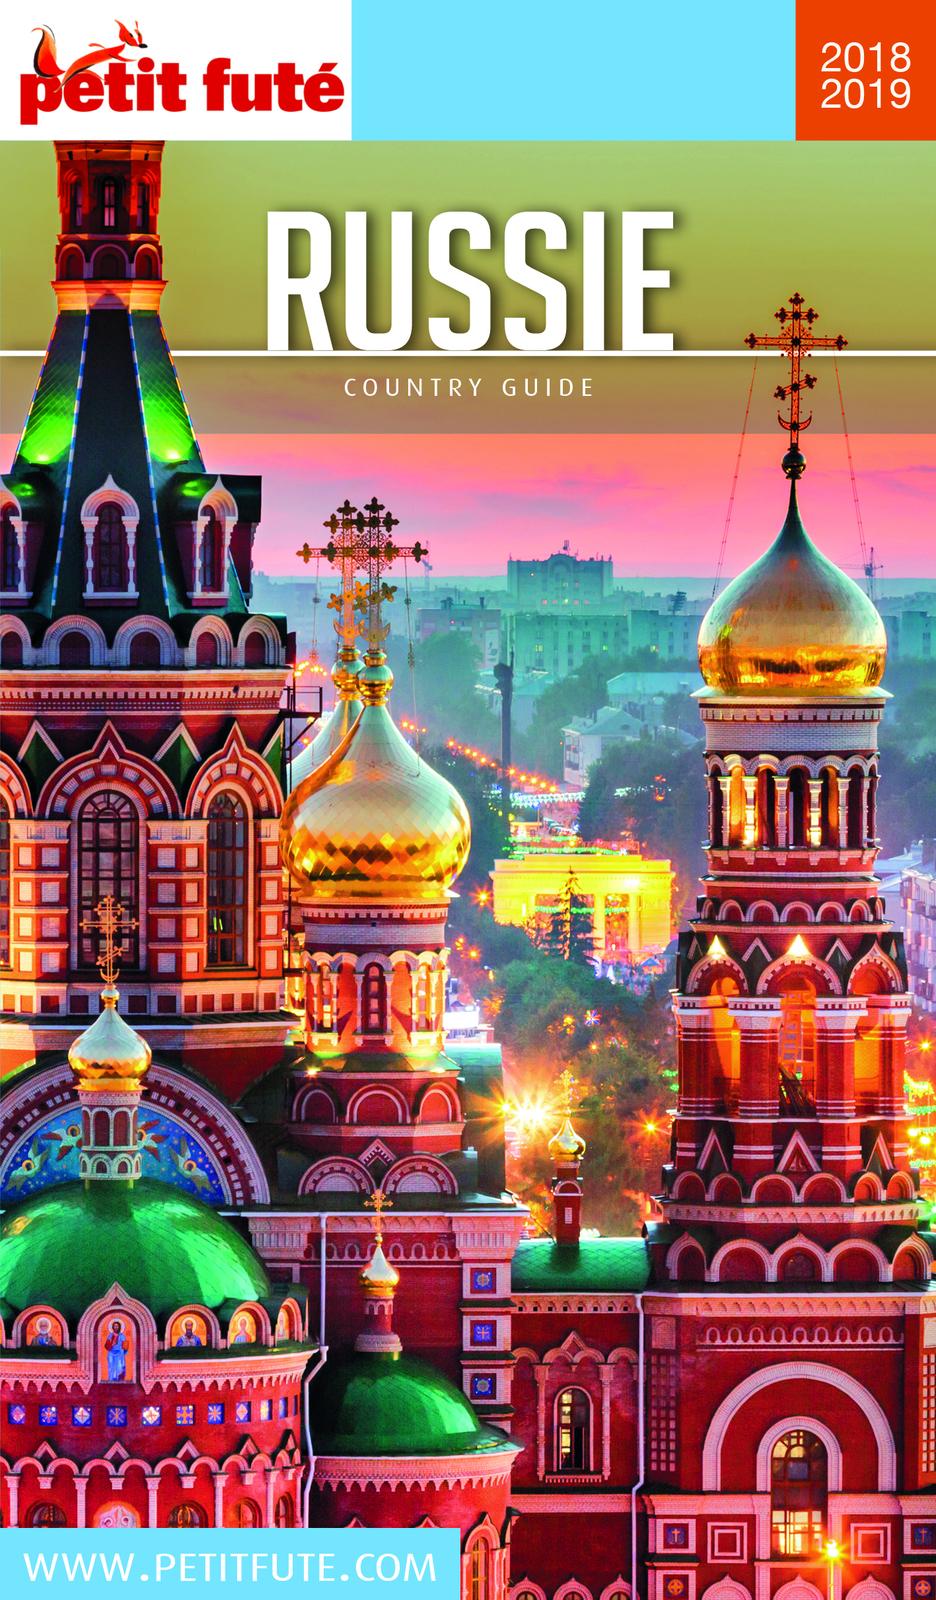 RUSSIE 2018/2019 Petit Fut?